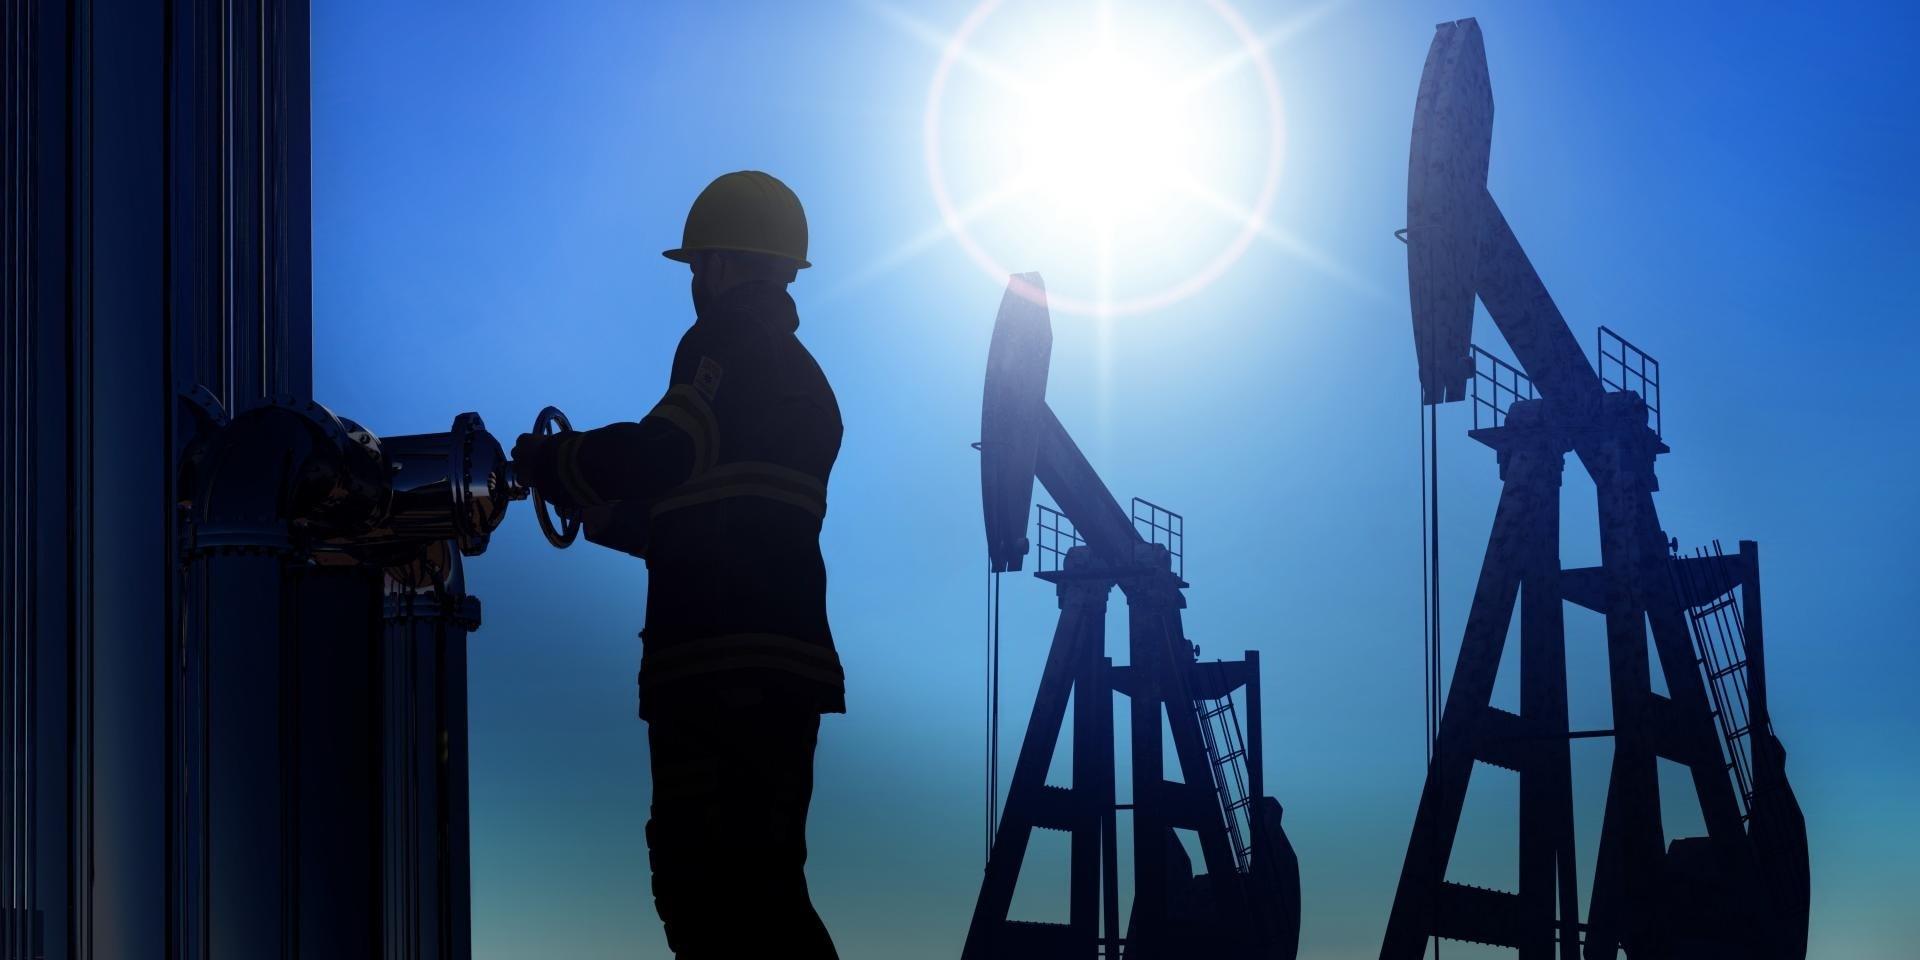 Нефтяник: особенности получения профессии и условия работы